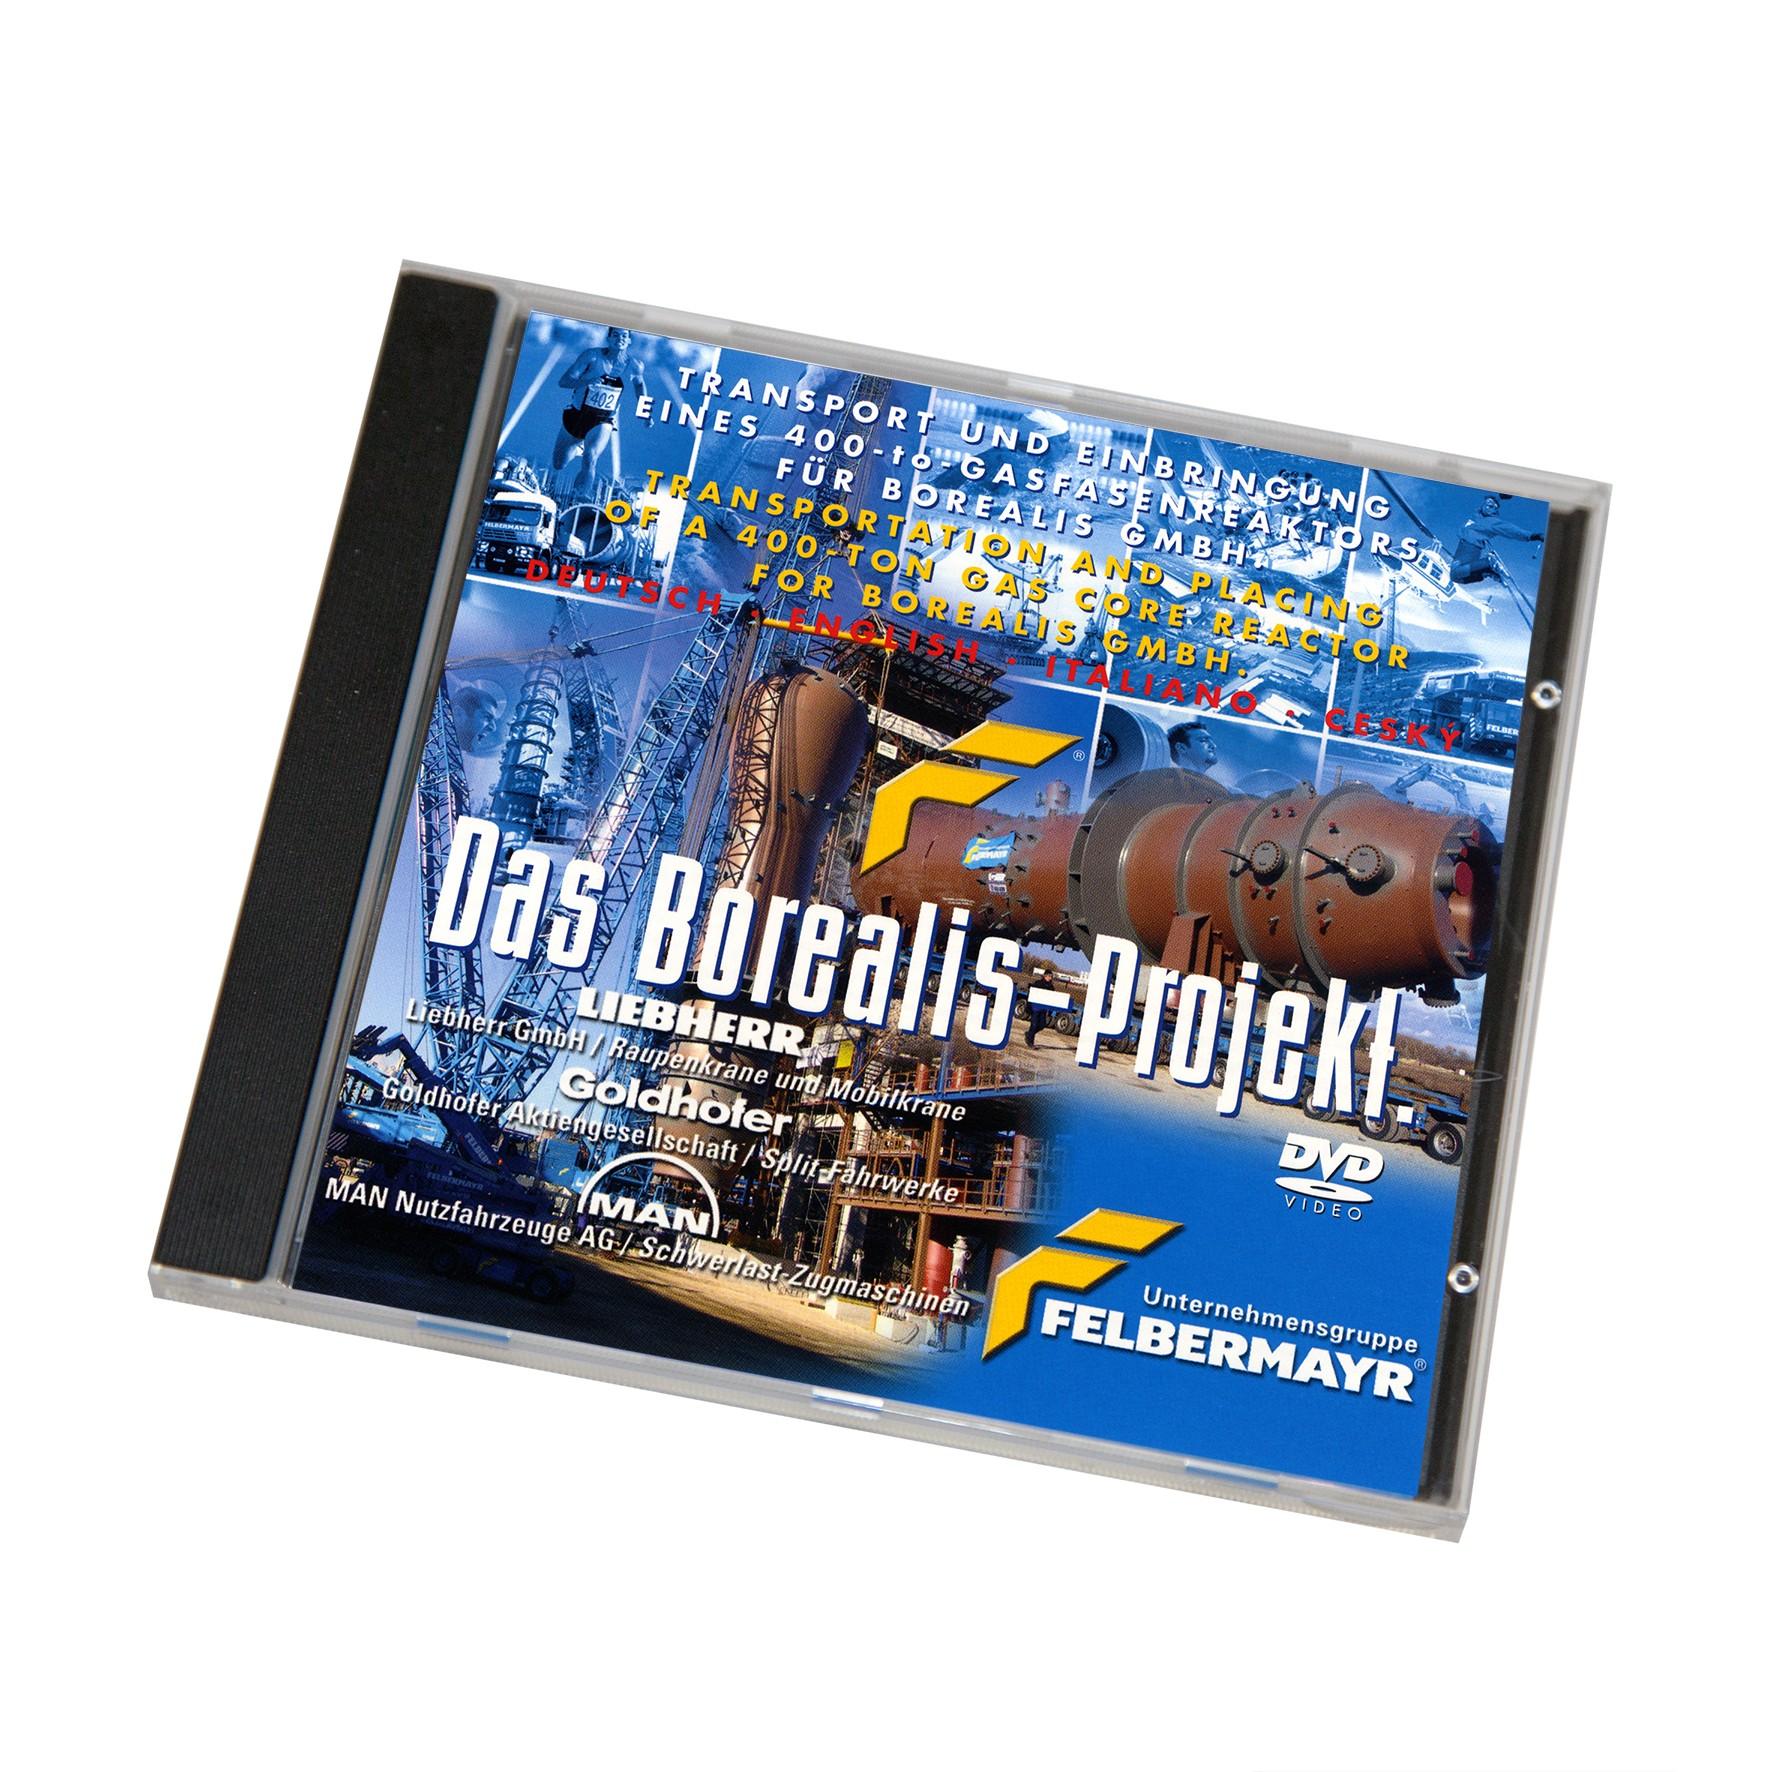 """DVD """"Das Borealis-Projekt - Transport und Einbringen eines 400-to-Gasreaktors für Borealis GmbH"""""""